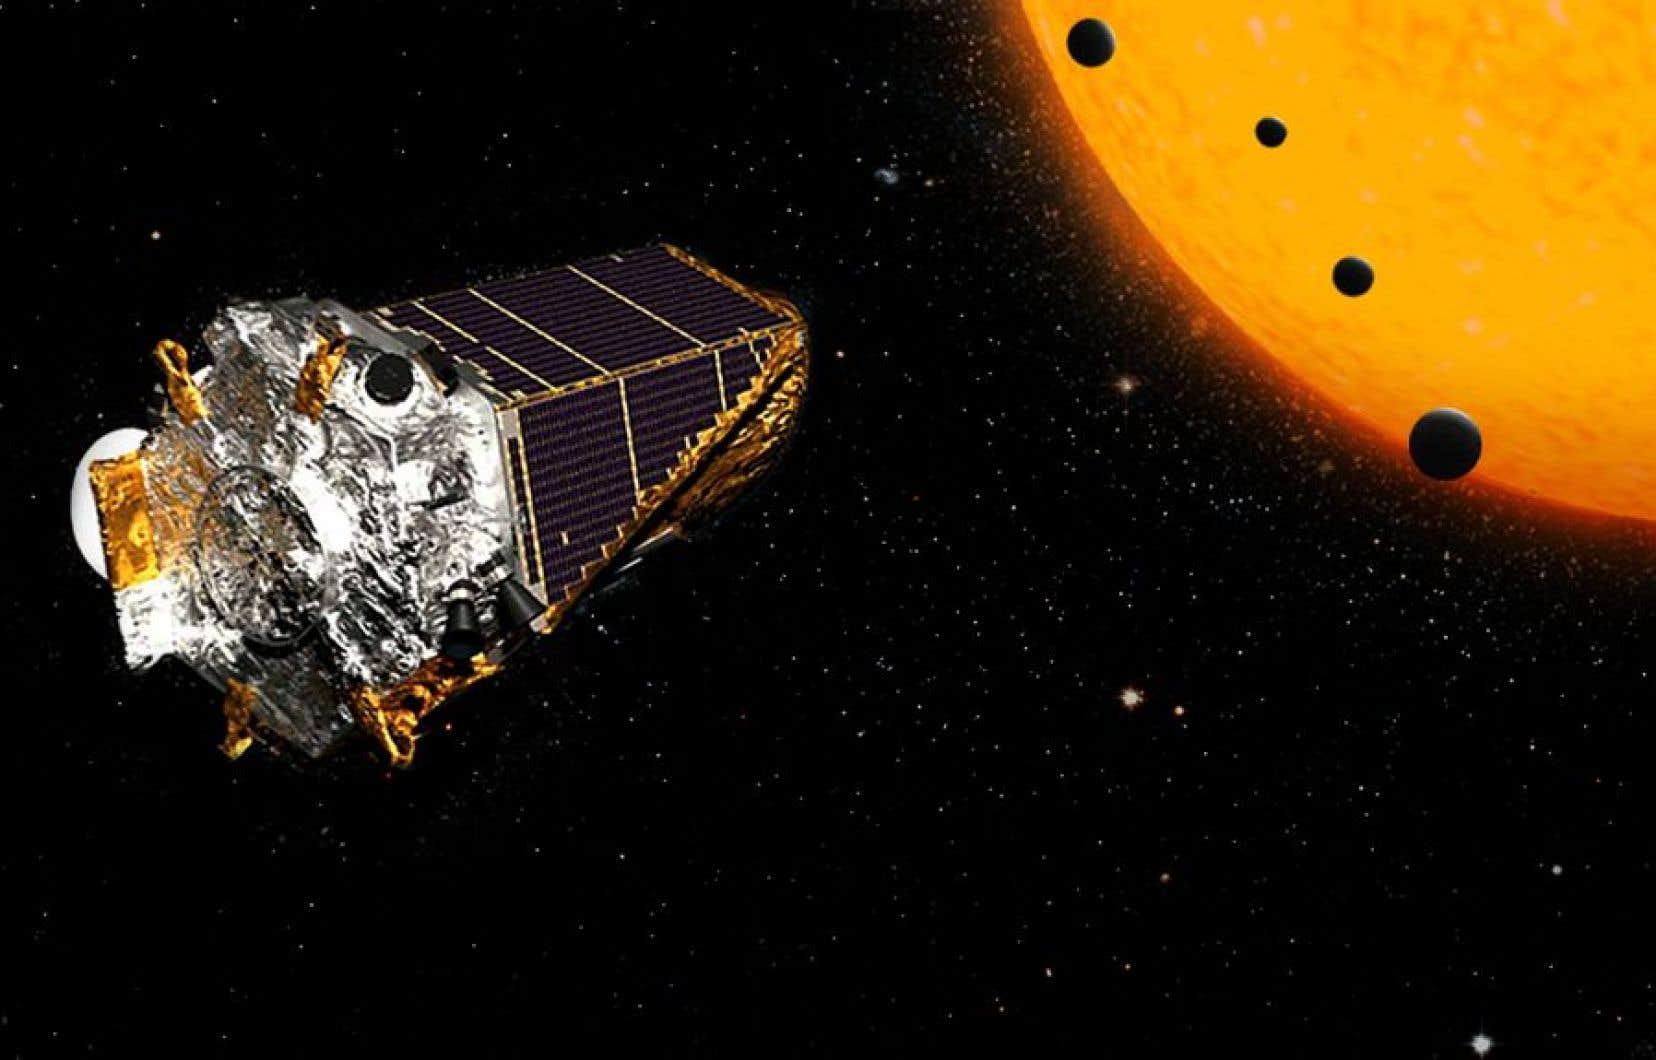 Les quatre planètes découvertes en orbite autour d'une même étoile sont apparemment rocheuses et entre 20 à 50% plus grandes que la Terre.